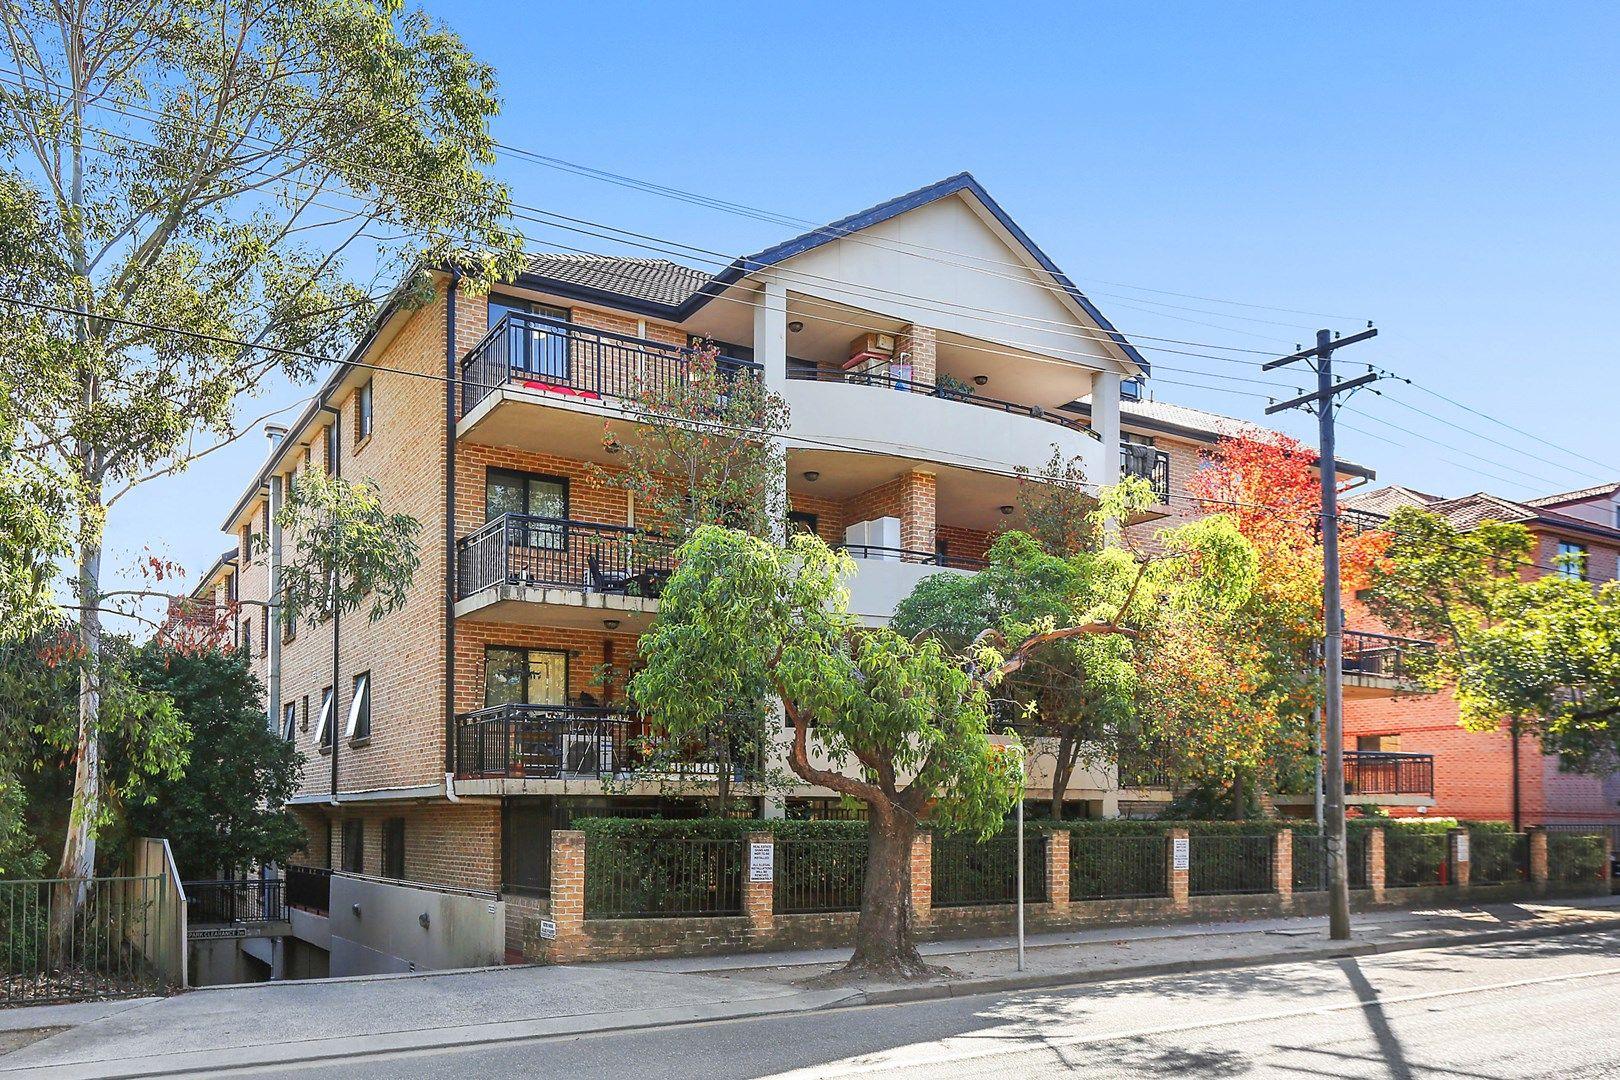 27/38-40 Marlborough Road, Homebush West NSW 2140, Image 0